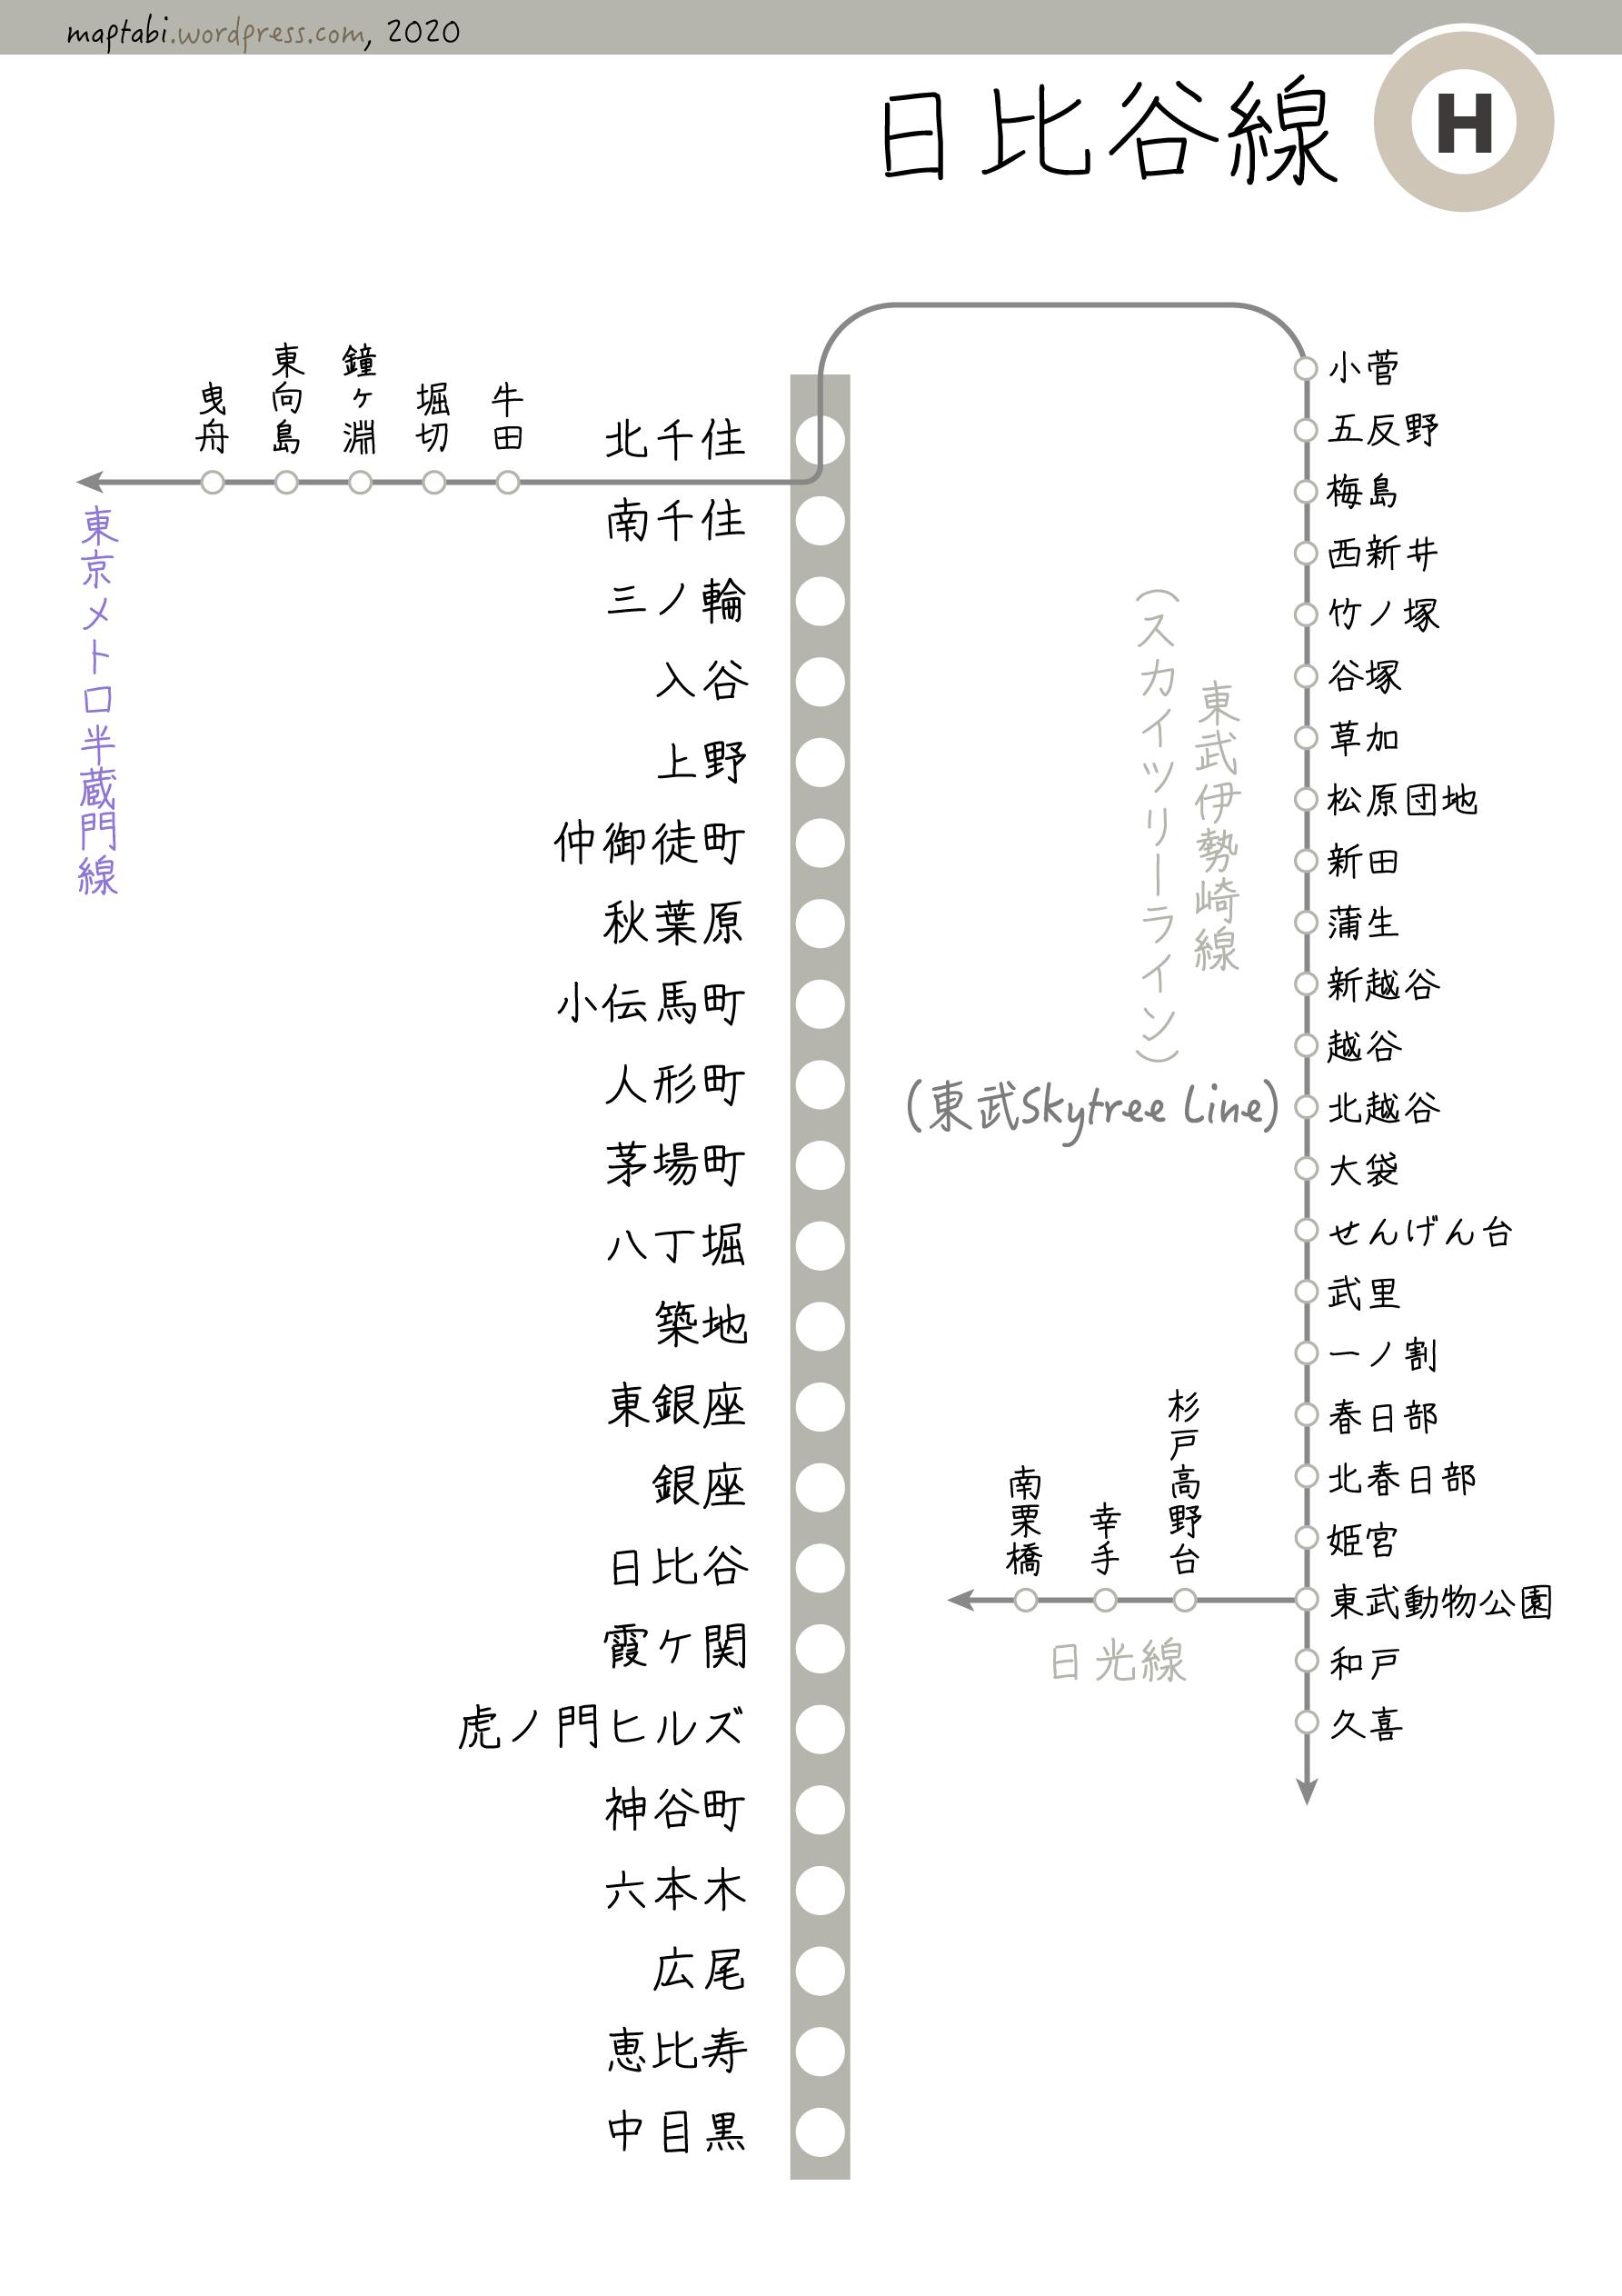 metro_hibiya_line_detail2-2020